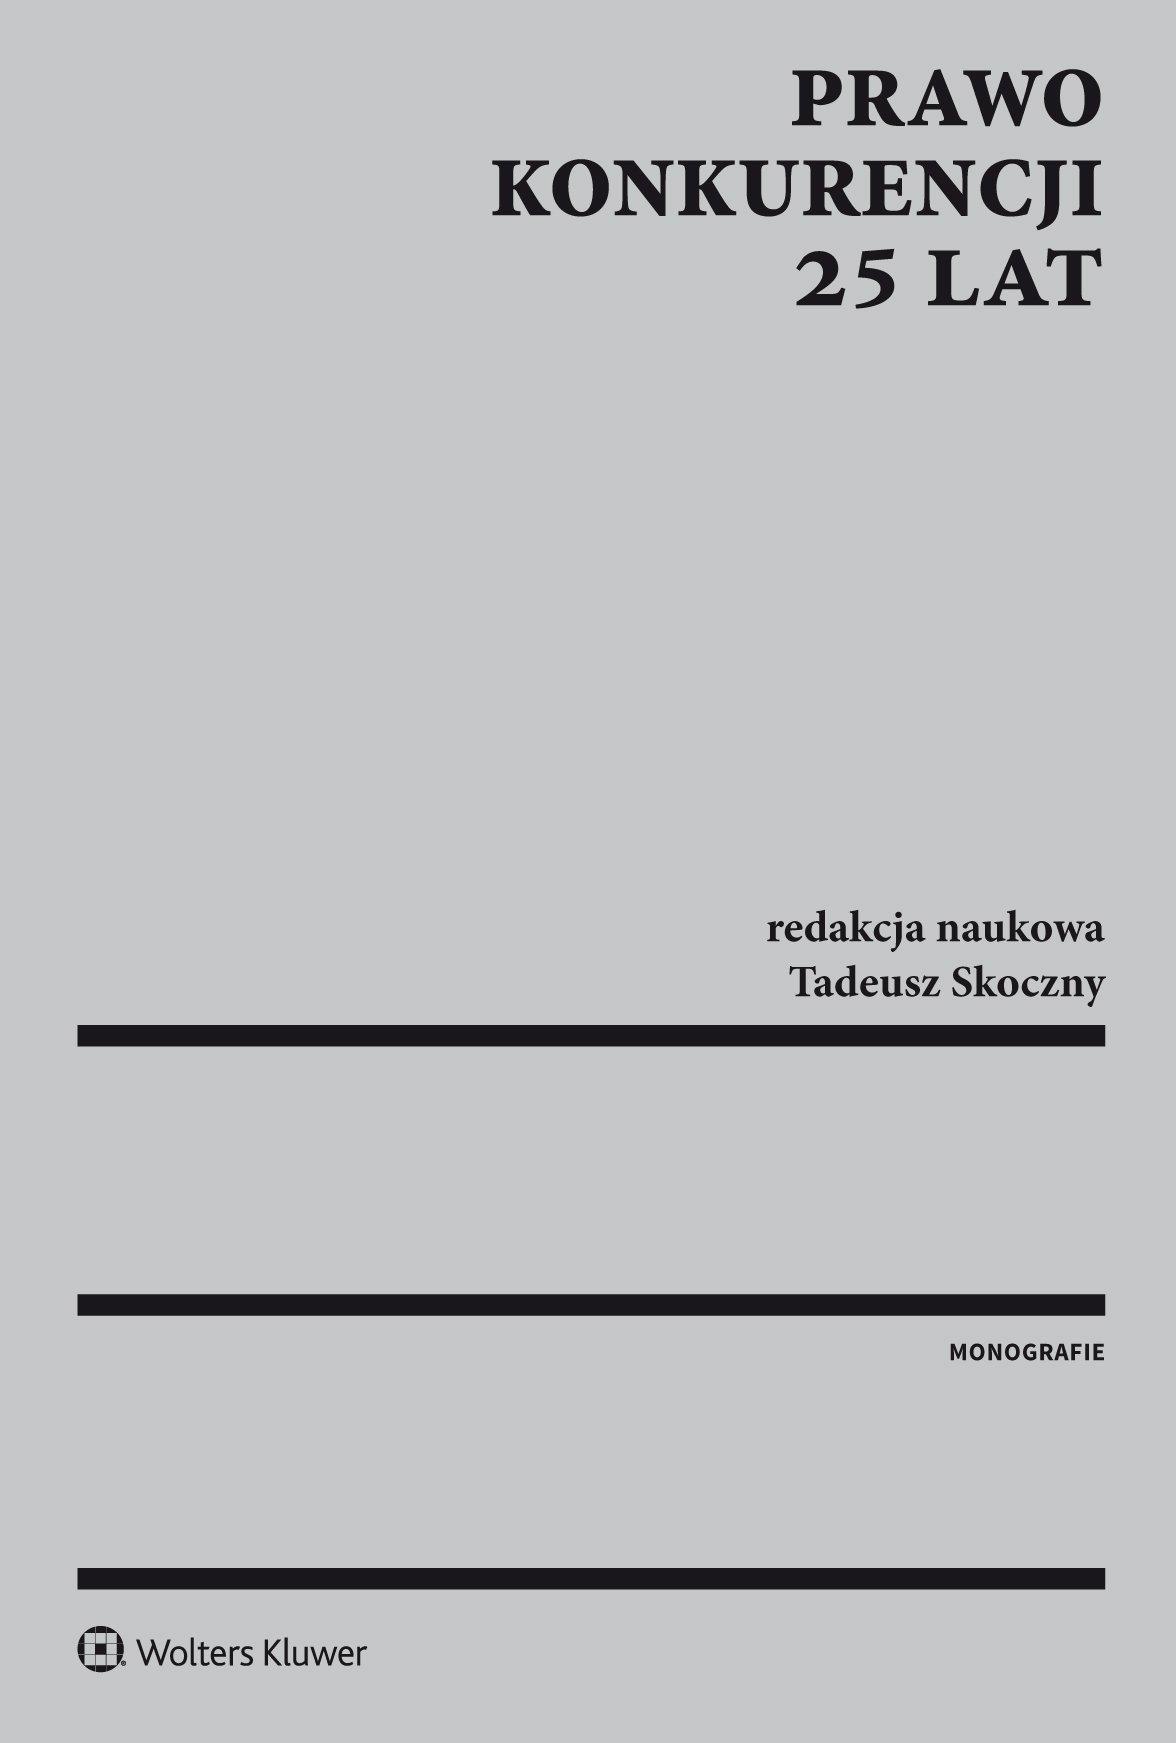 Prawo konkurencji. 25 lat - Ebook (Książka EPUB) do pobrania w formacie EPUB